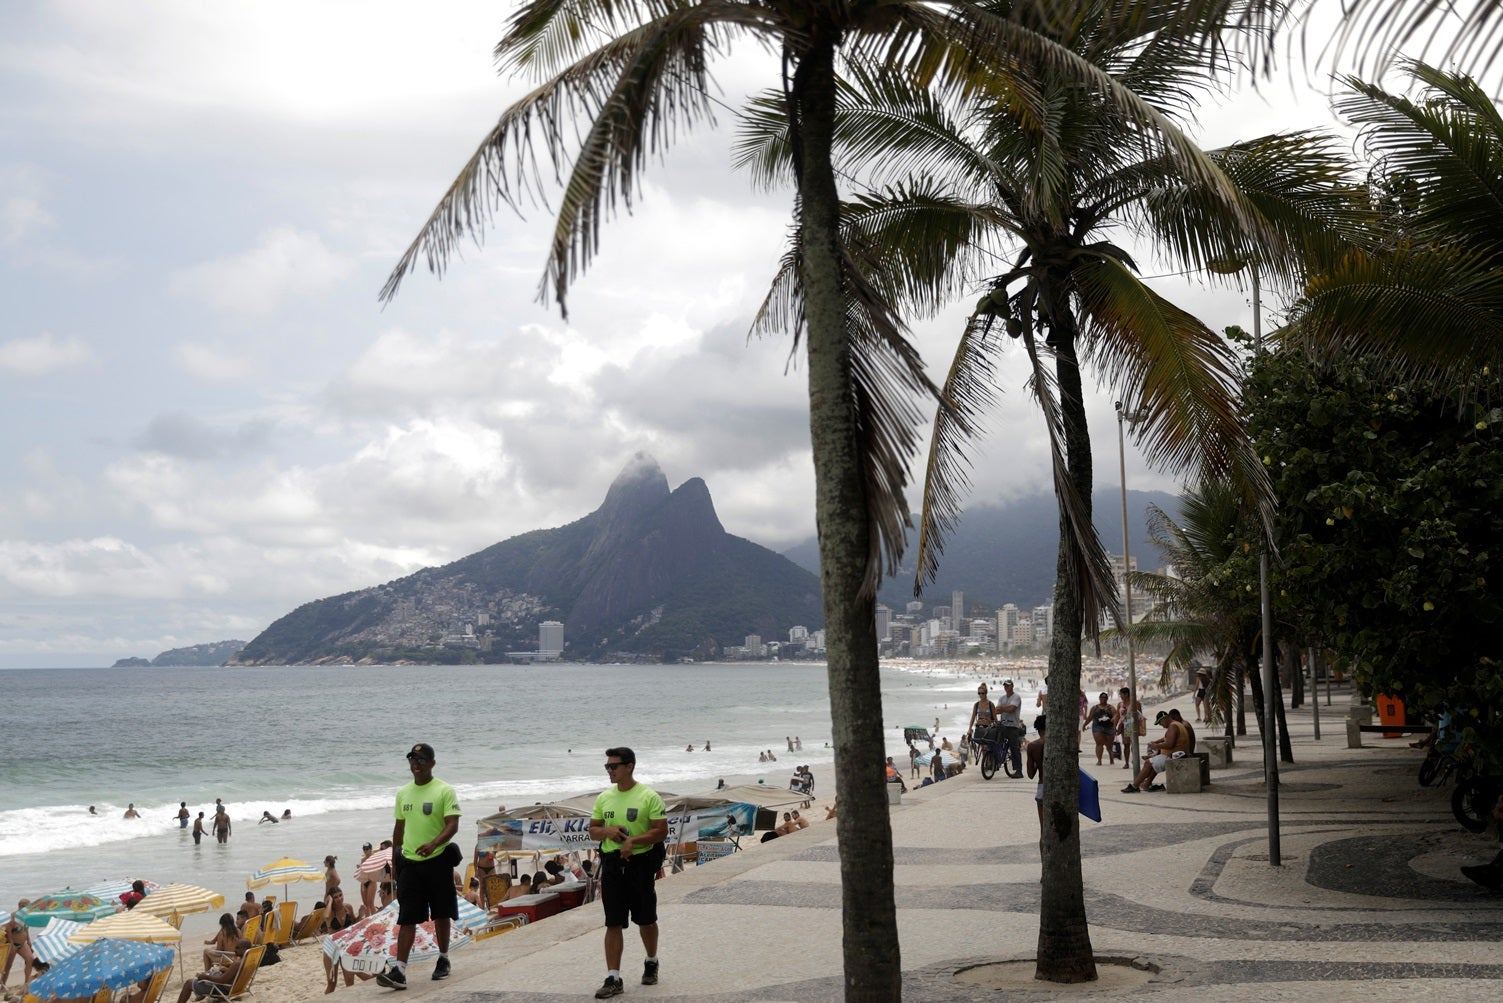 Intervenção no Rio preocupa vizinhos